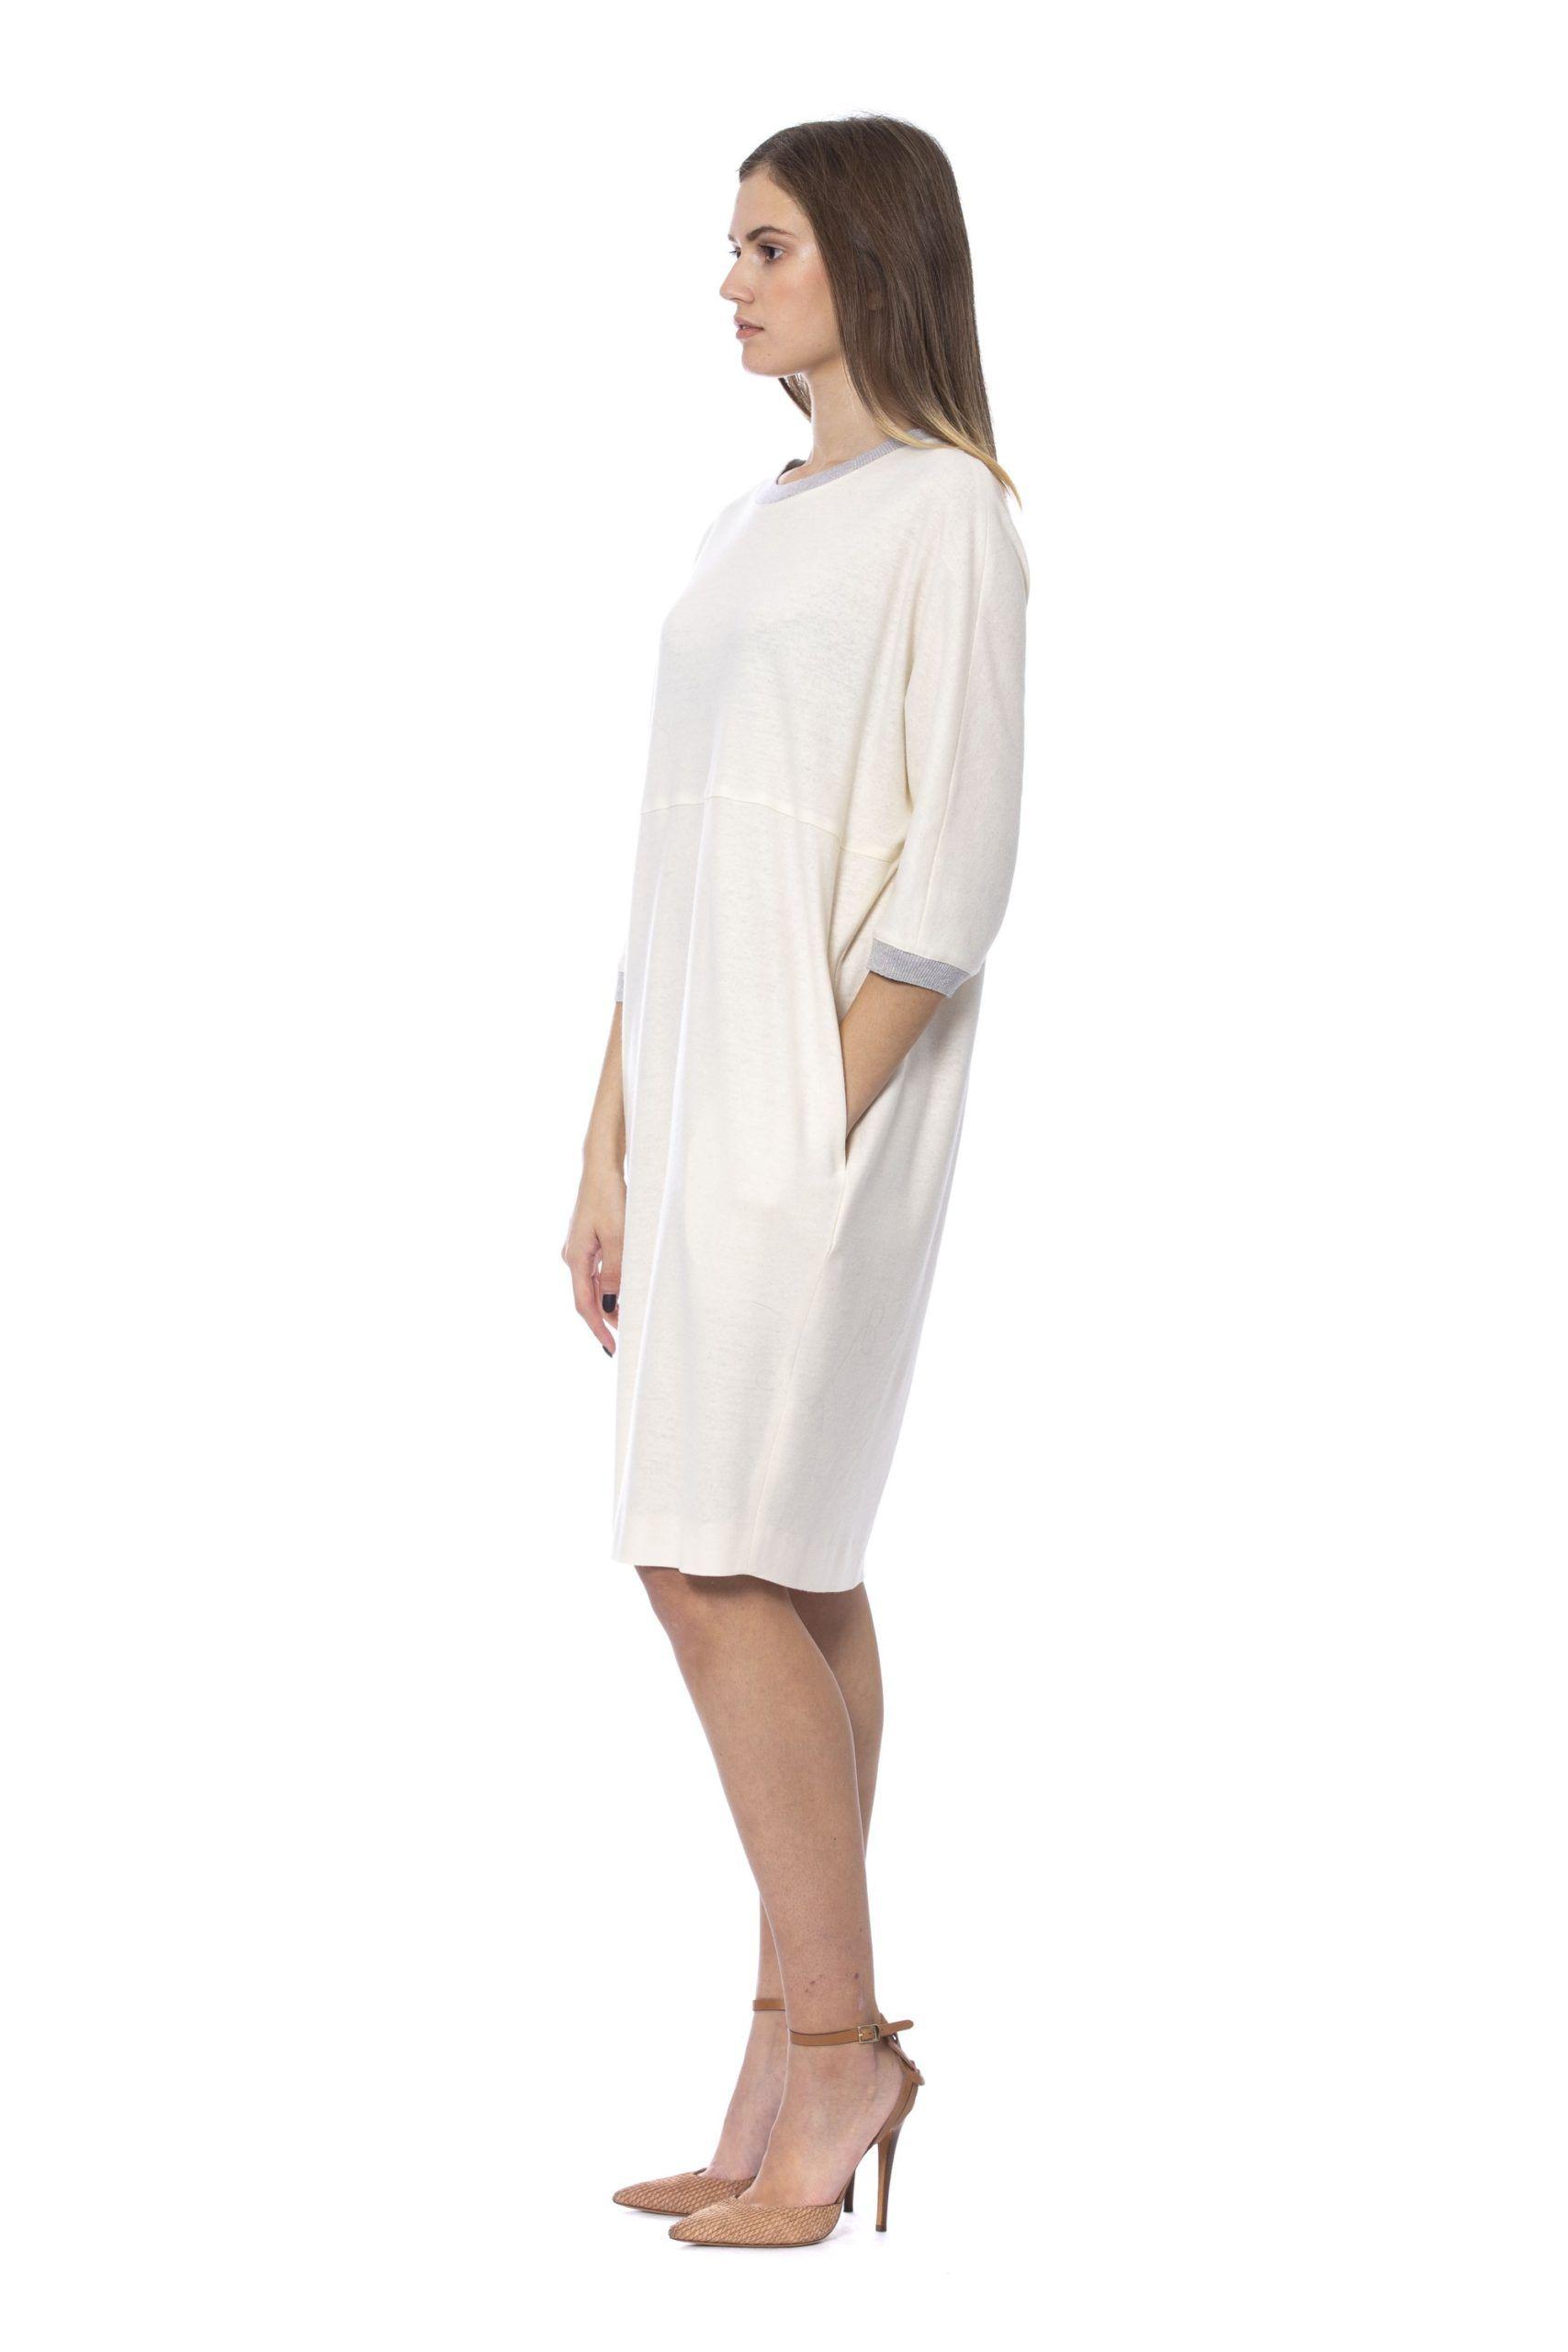 Peserico Apanna Dress